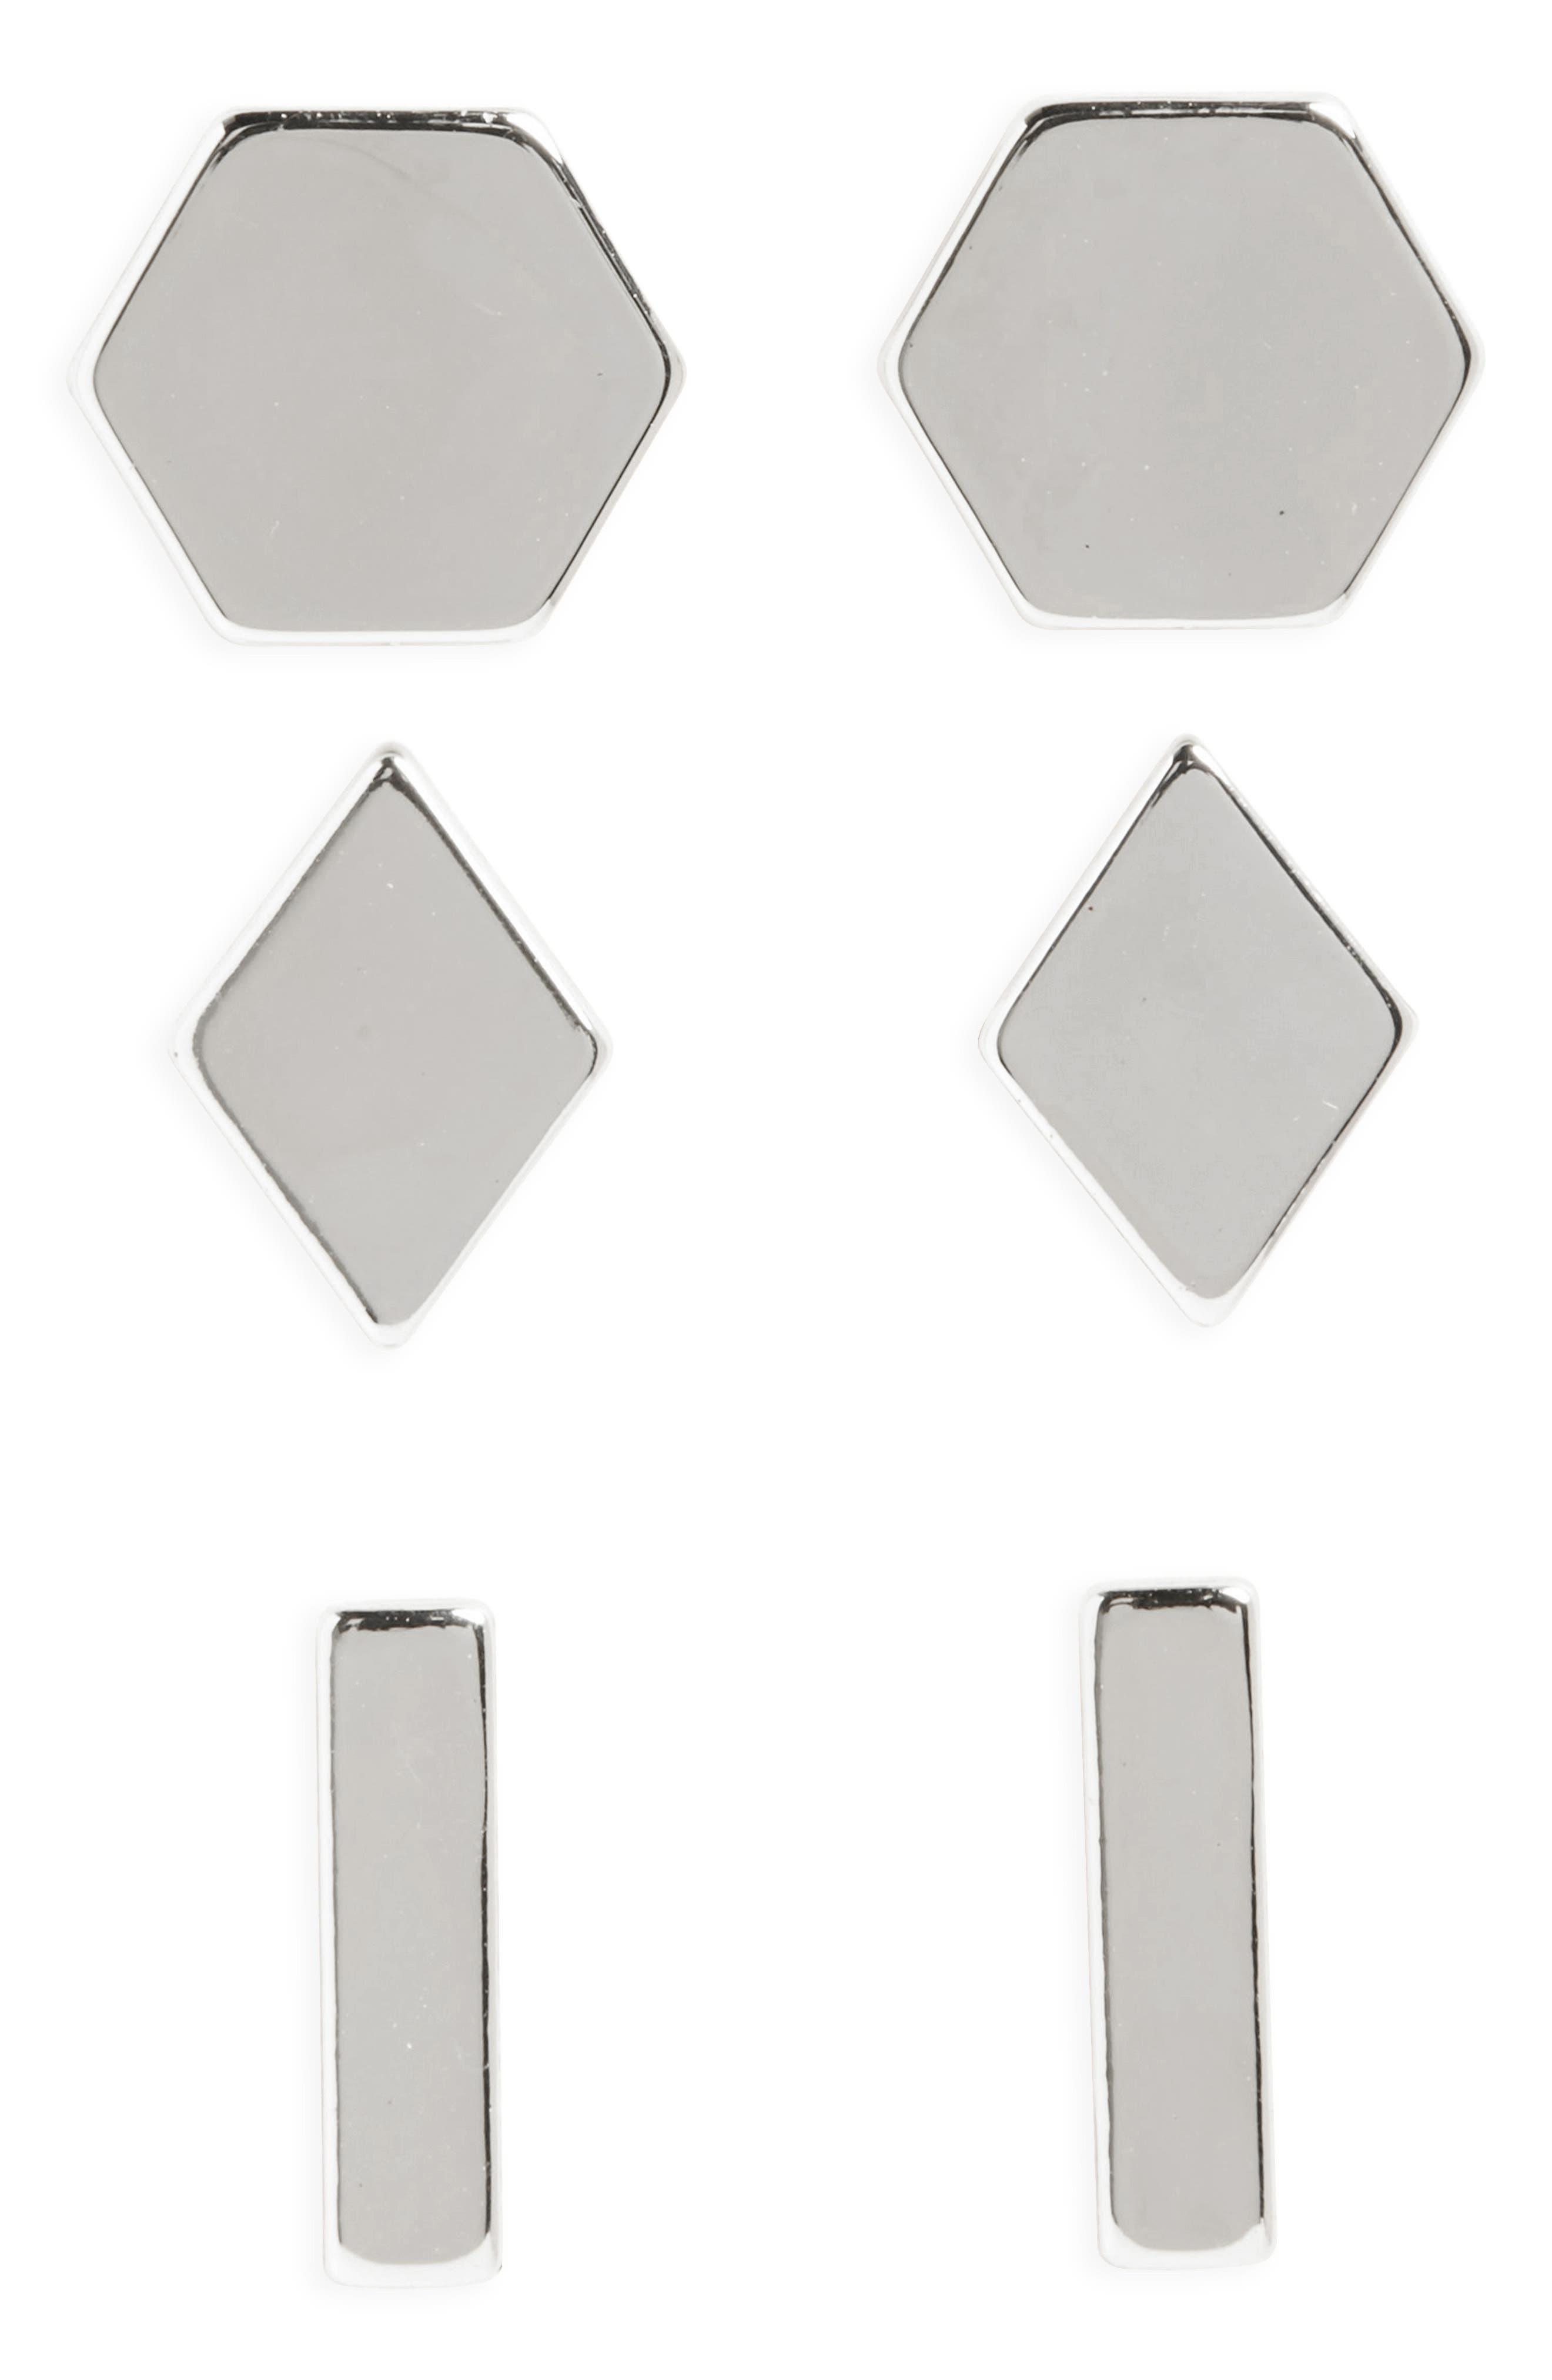 Set of 3 Stud Earrings,                             Main thumbnail 1, color,                             040